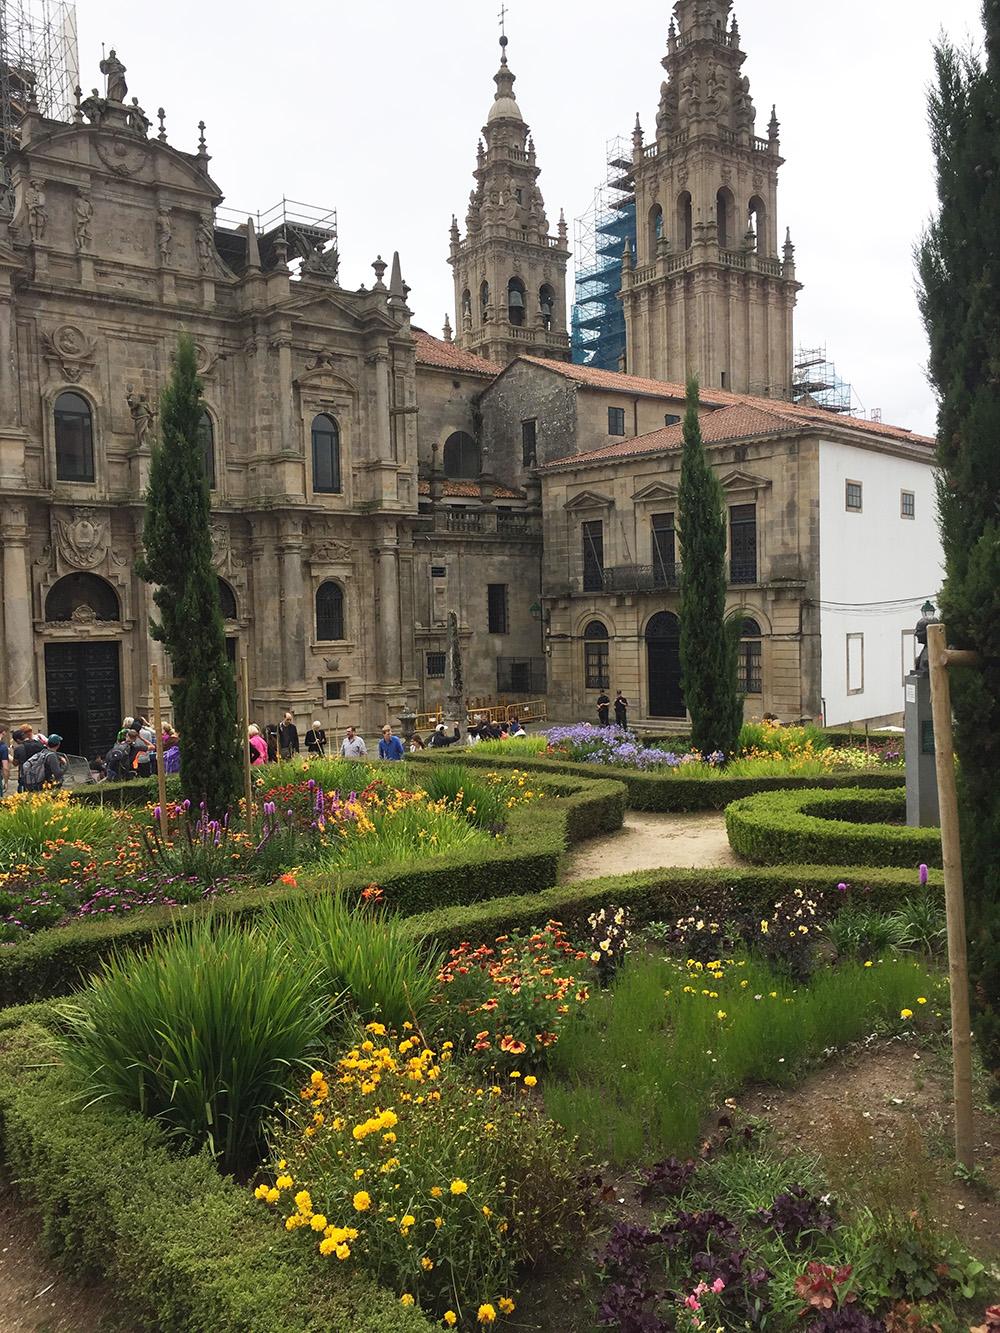 Northern-Spain-Santiago.jpg